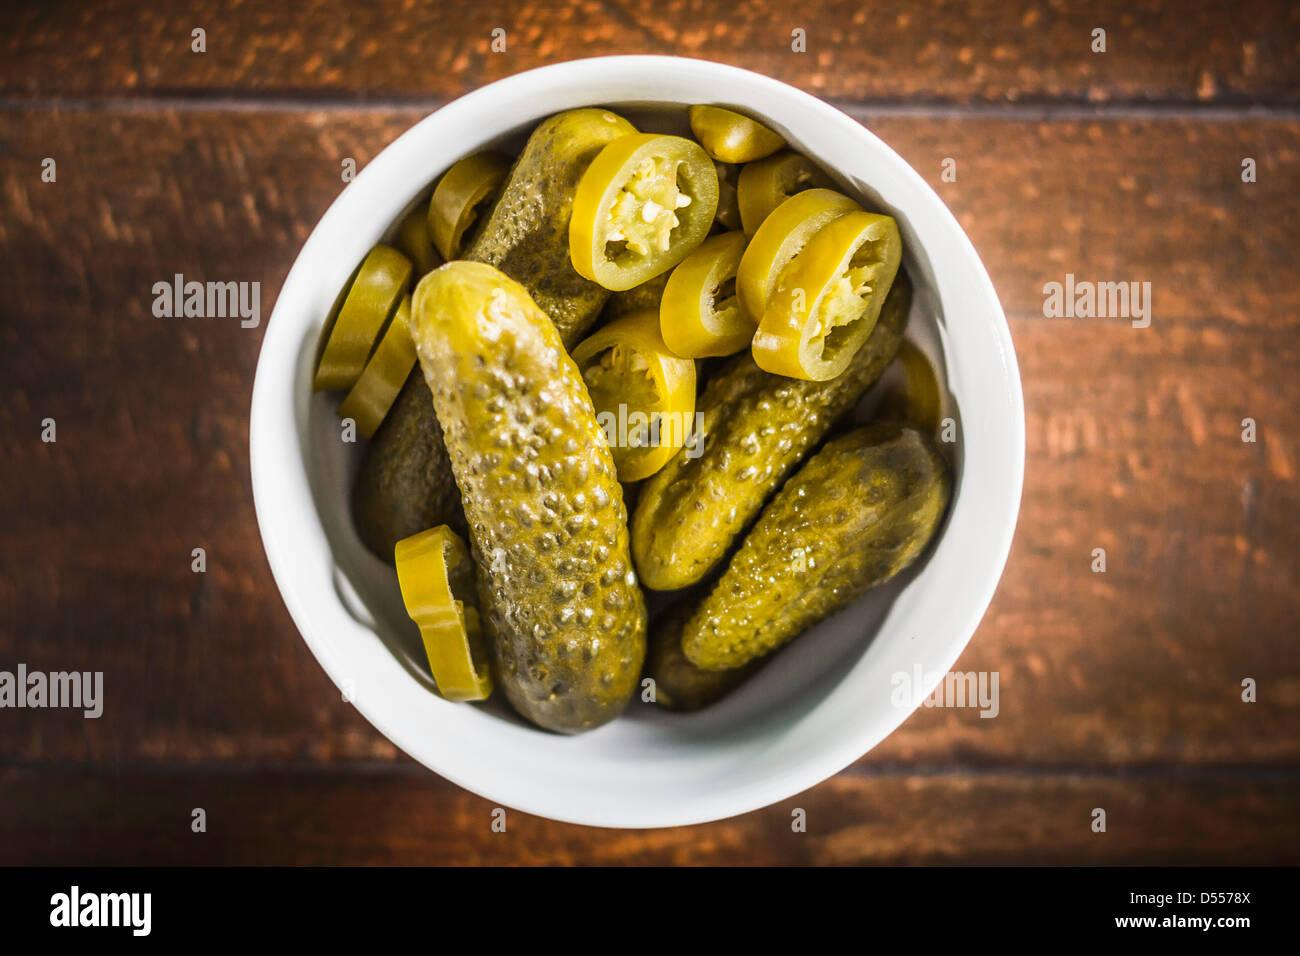 Tigela de picles e pimenta fatias Imagens de Stock